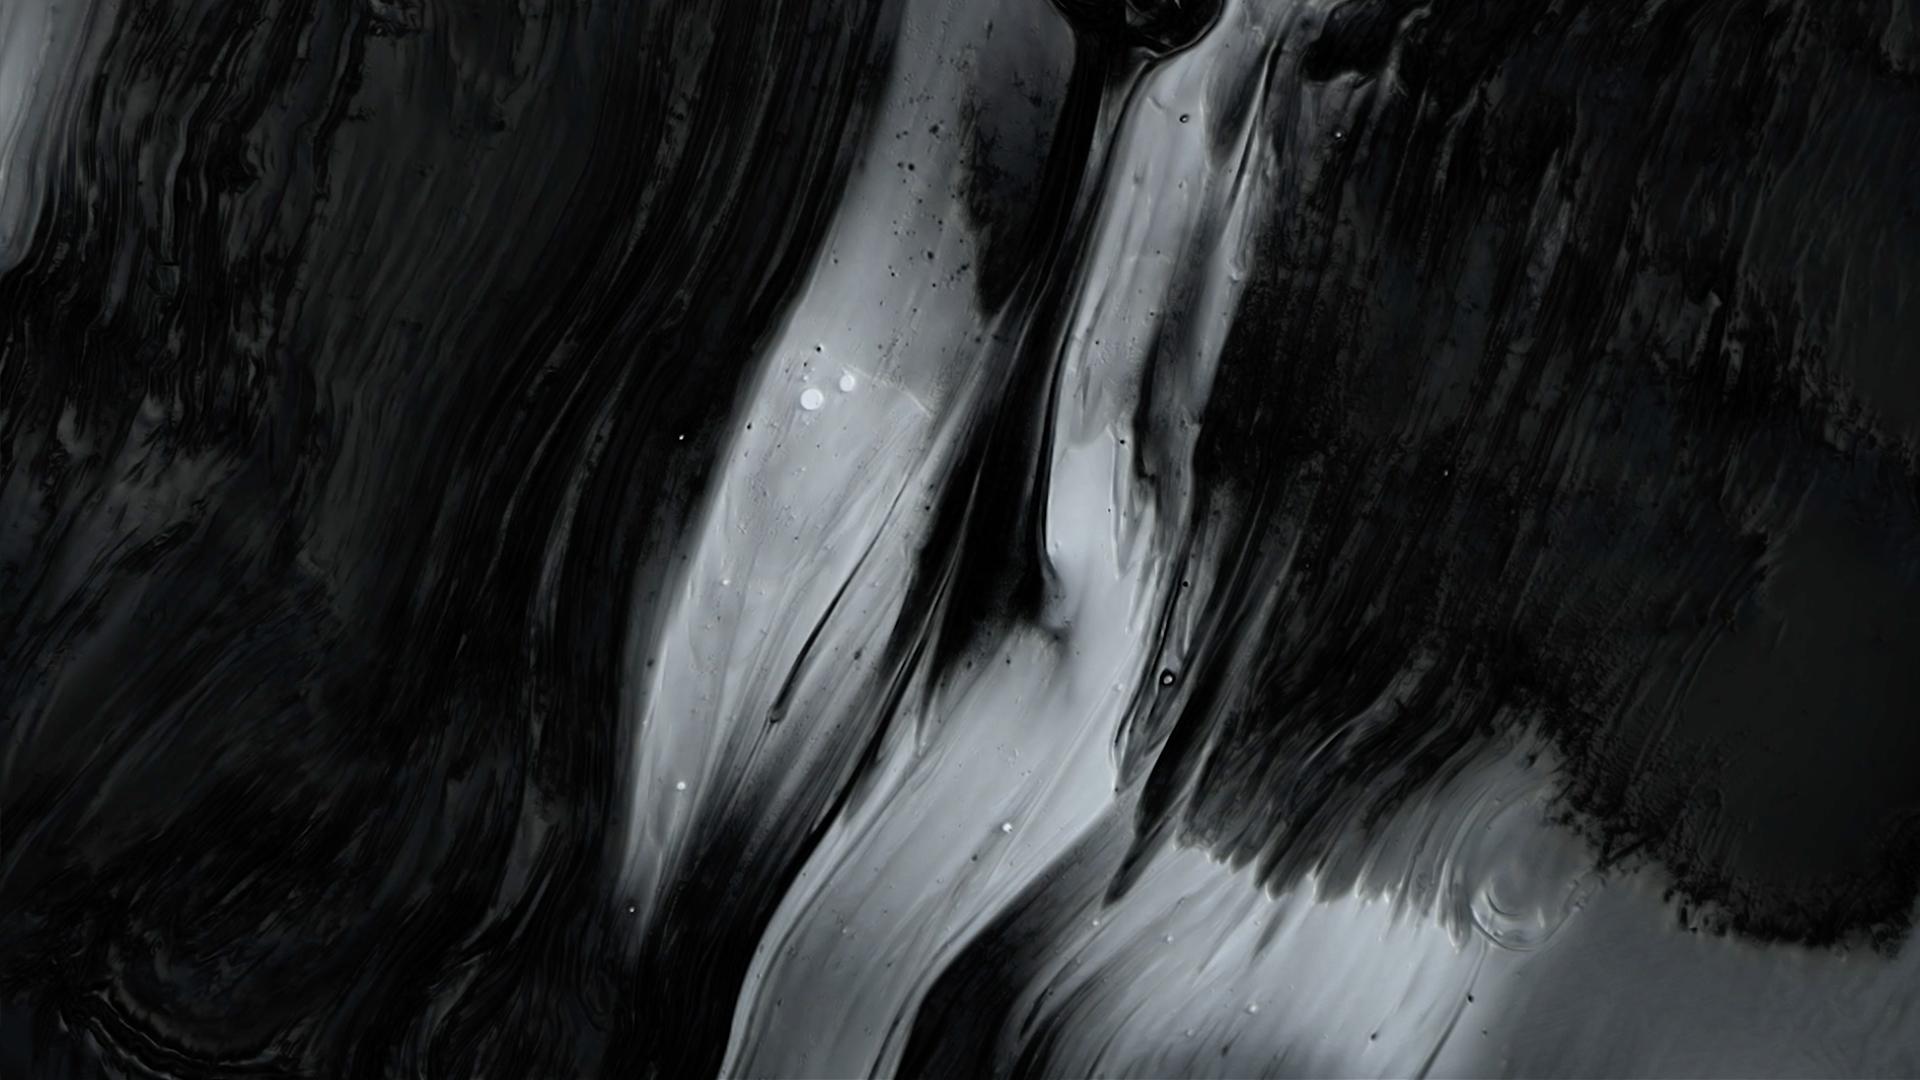 006-8.jpg